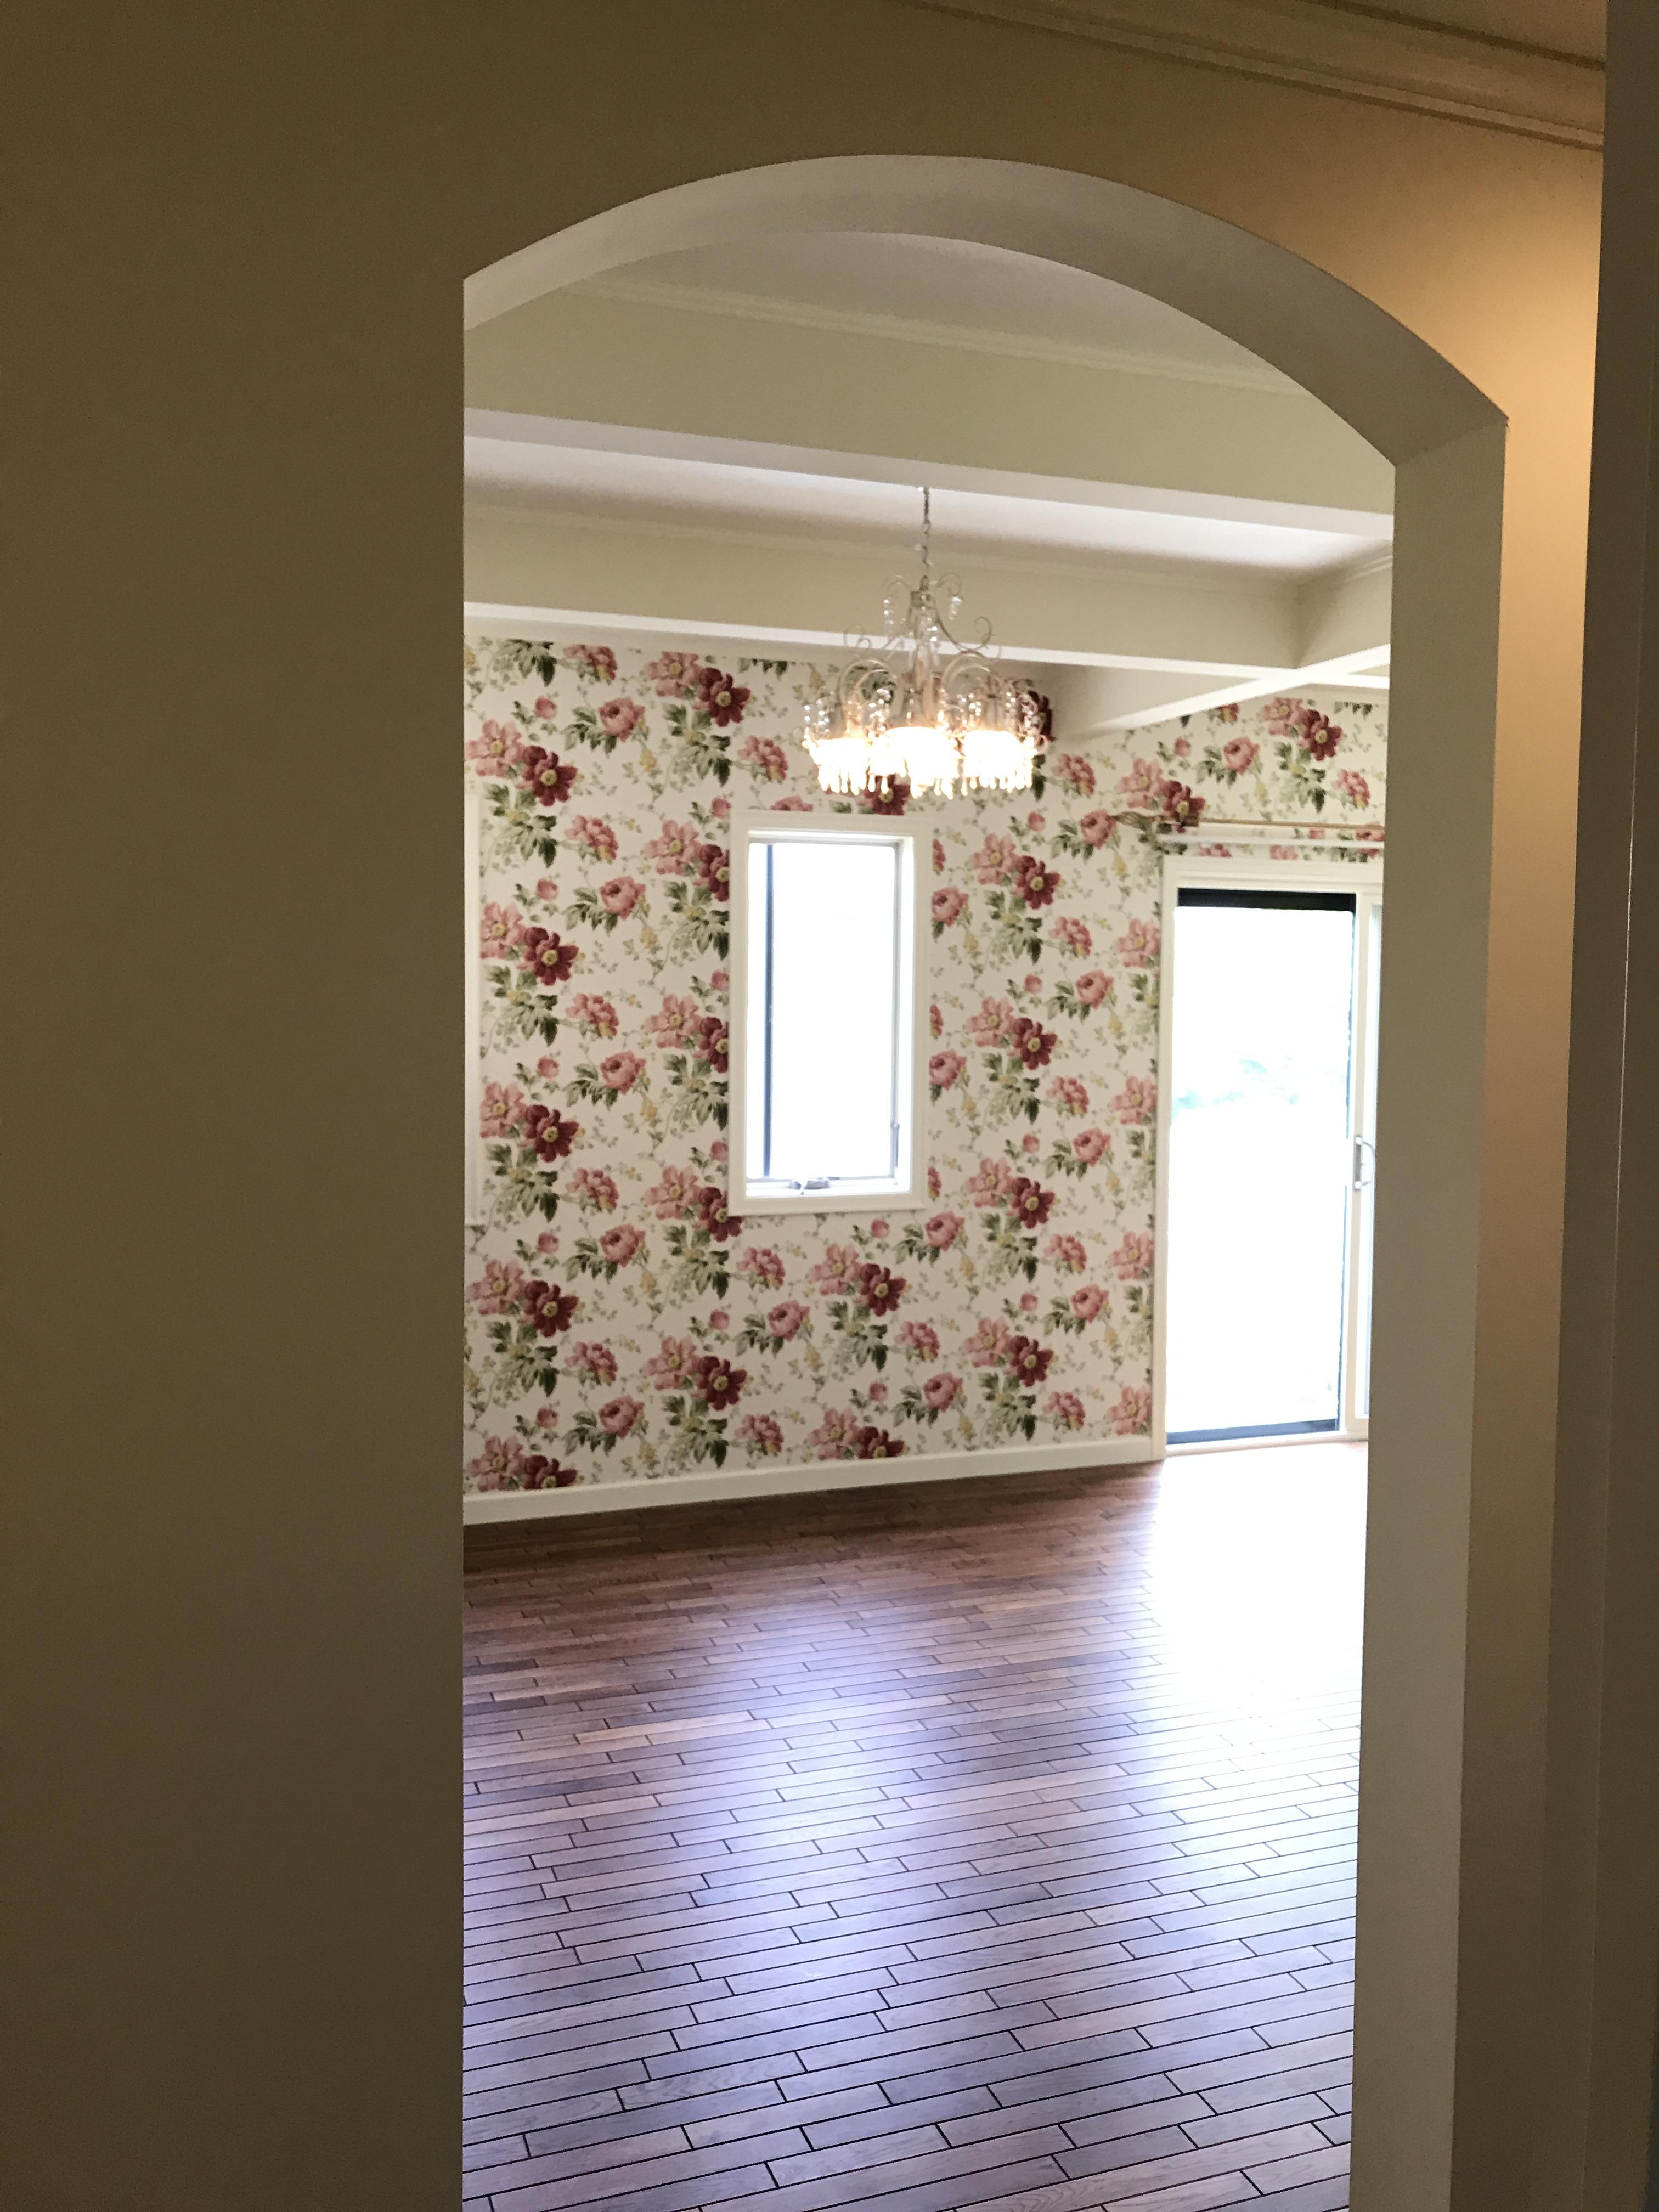 ダイニングルームの開口はアーチトップに、一面のアクセントクロスは花柄でエレガントに